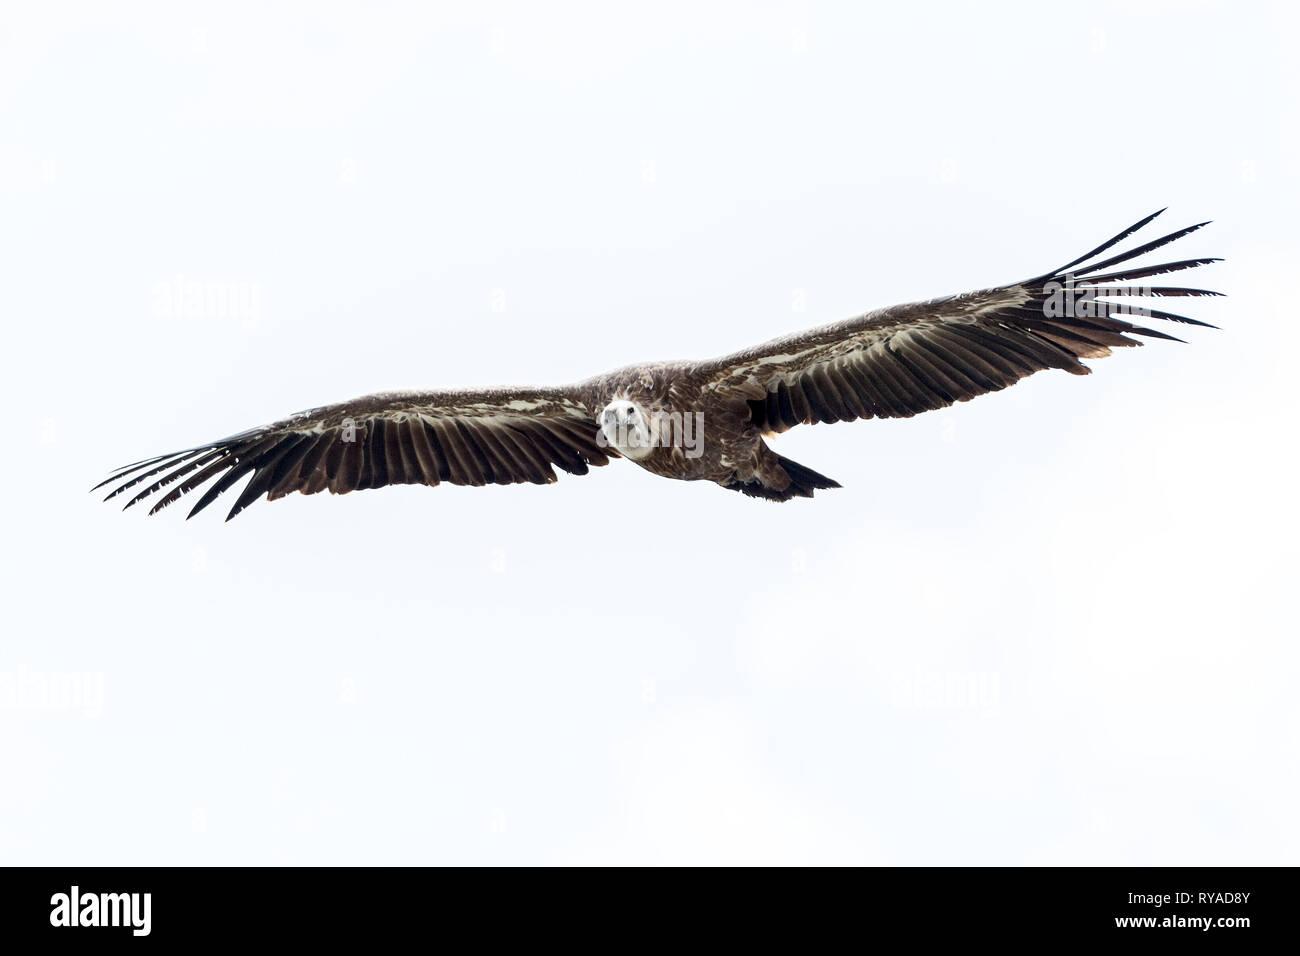 Ein Bartgeier fliegt am Himmel ueber der Verdonschlucht in Frankreich THEMENBILD Geier, 05.09.2018 Bildnachweis: Mario Hommes / HH-Photography - Stock Image